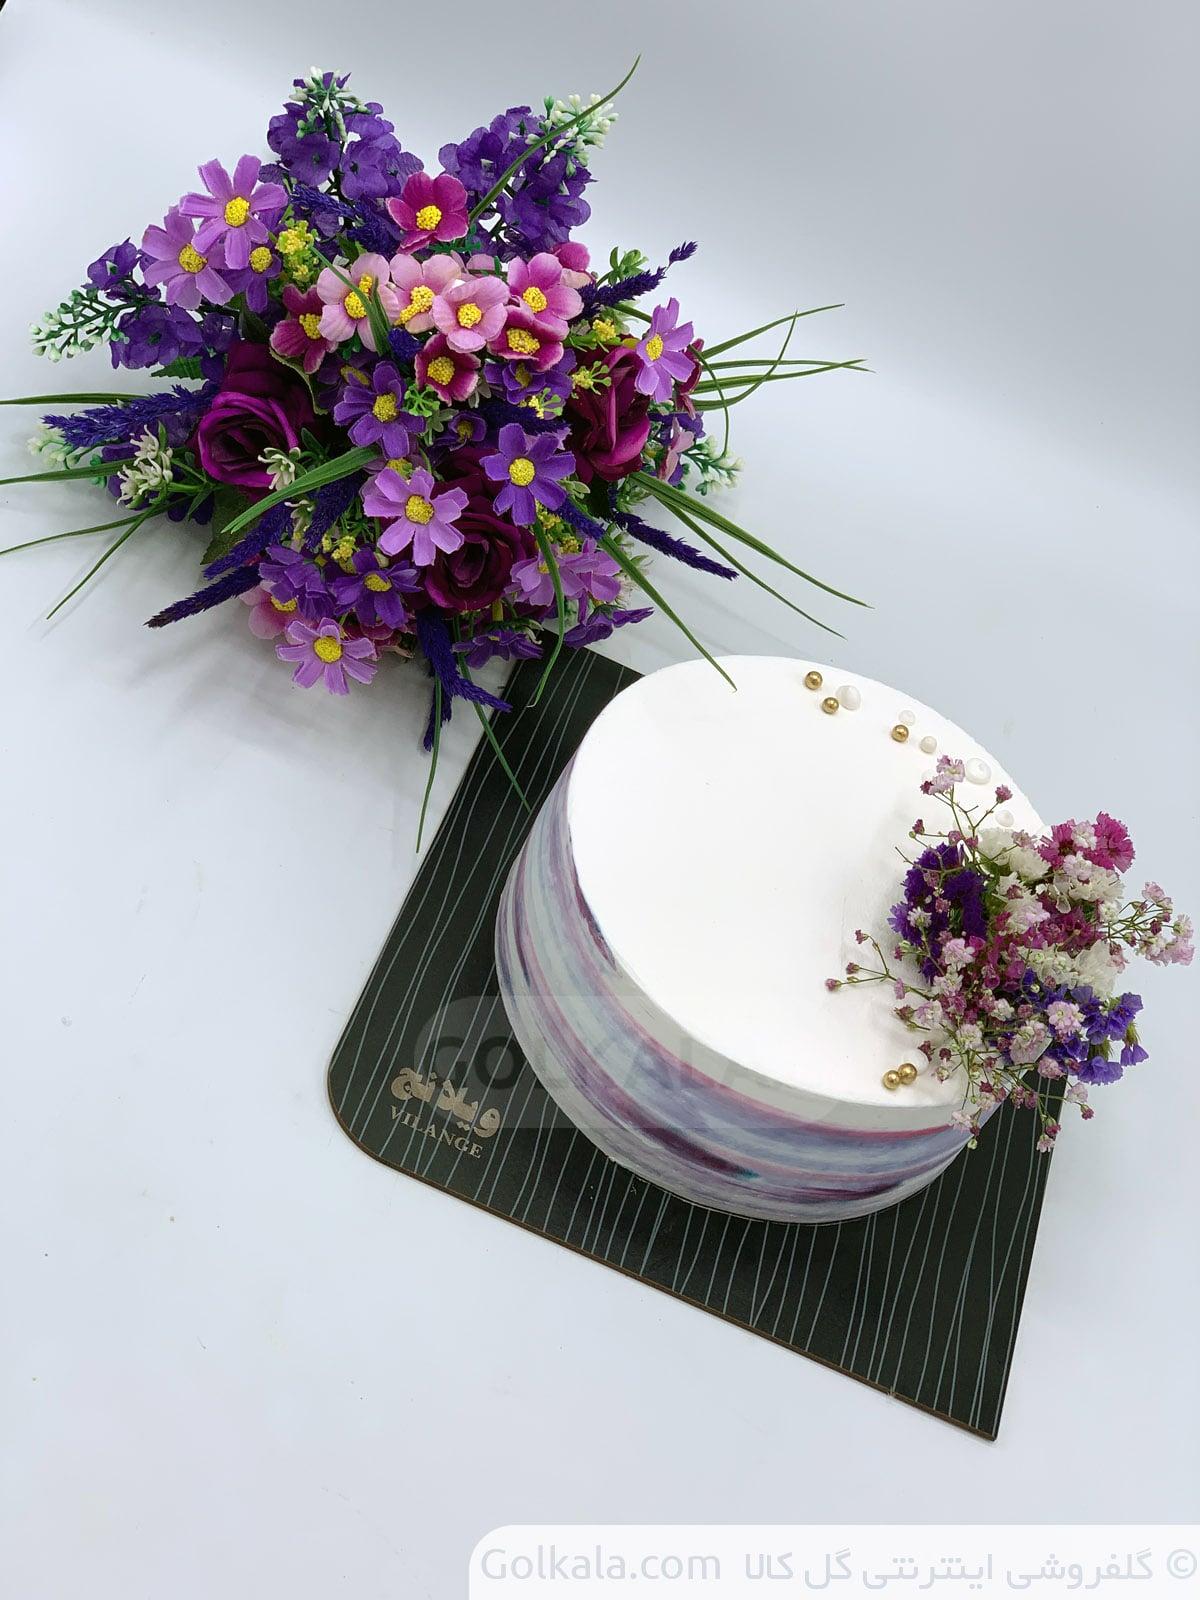 دسته گل مصنوعی بنفش یاسی گل خشک رز شکوفه زیبا ارزان قیمت سفارش